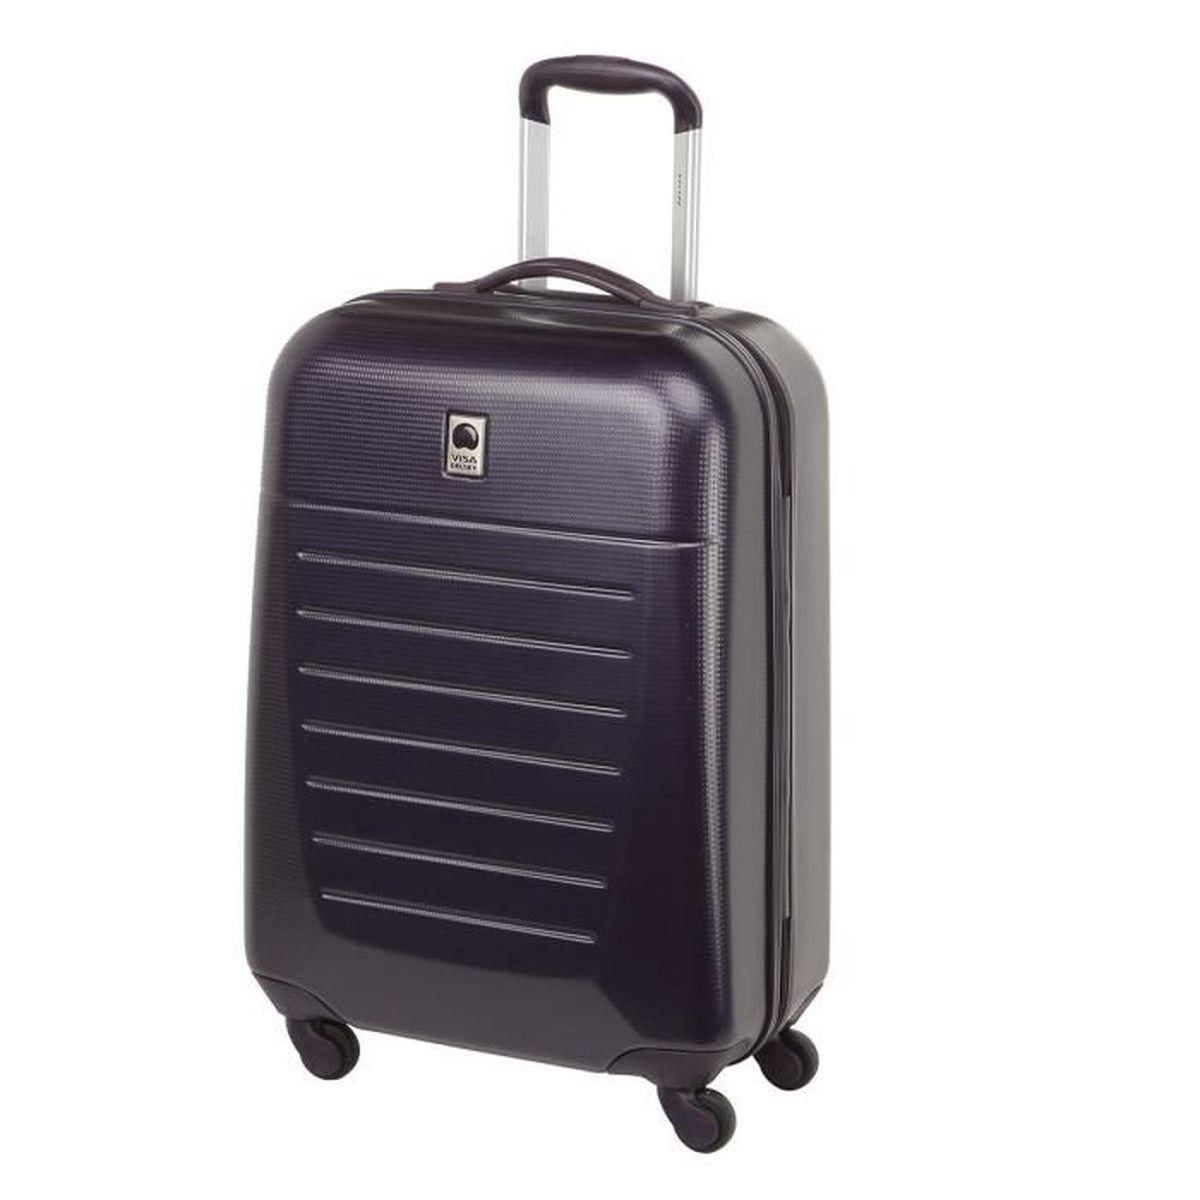 visa delsey valise abs caleo 4 roues 66cm violet violet achat vente valise bagage. Black Bedroom Furniture Sets. Home Design Ideas